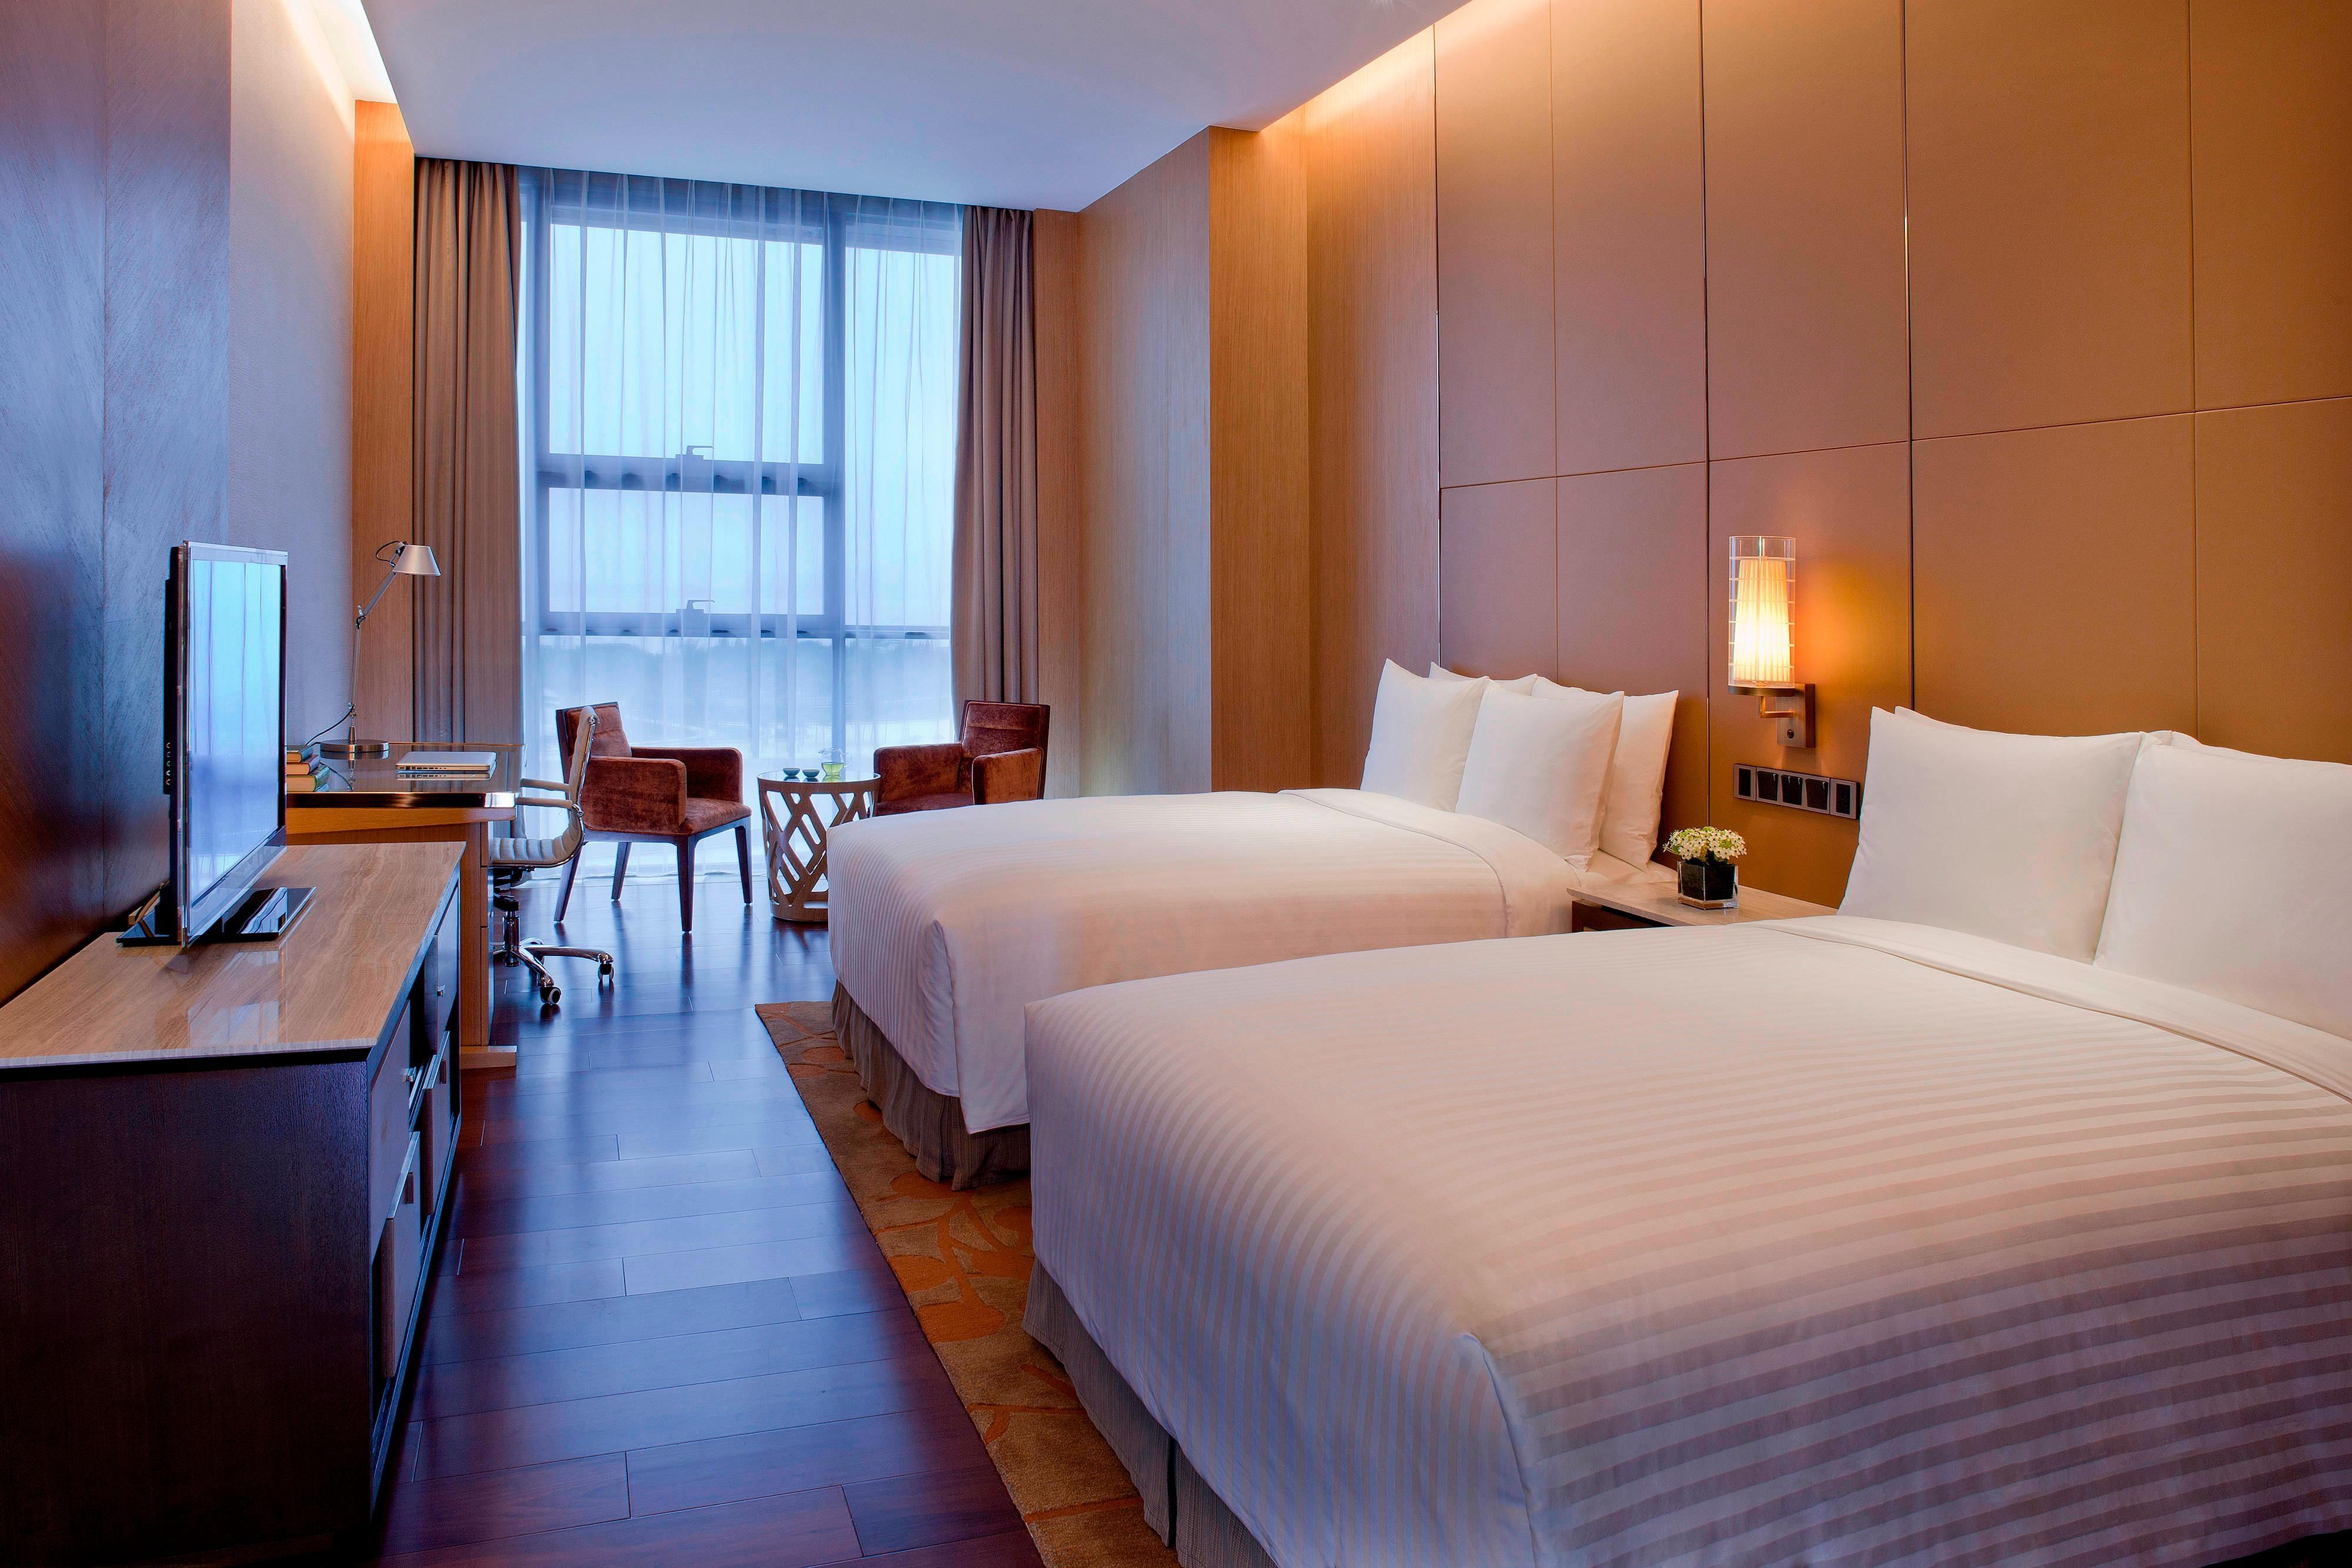 Appartement à troischambres–chambre avec lits jumeaux